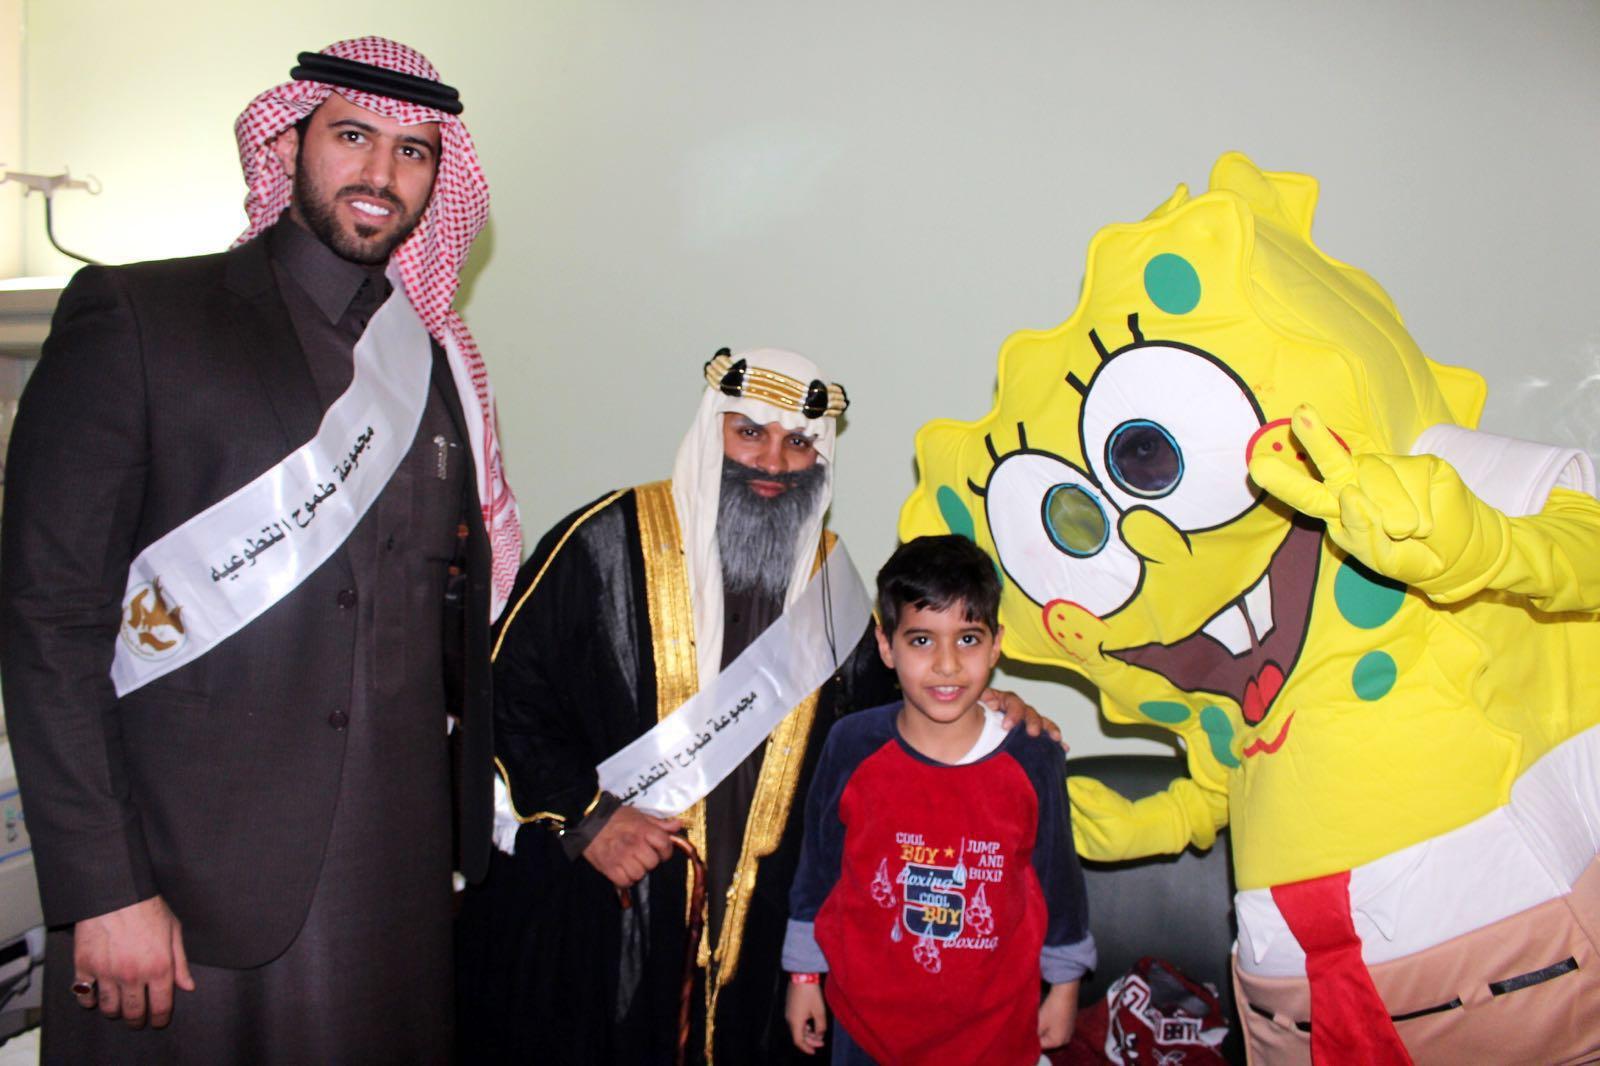 طموح التطوعية تزور مرضى السرطان بمدينة الملك فهد الطبية (3)